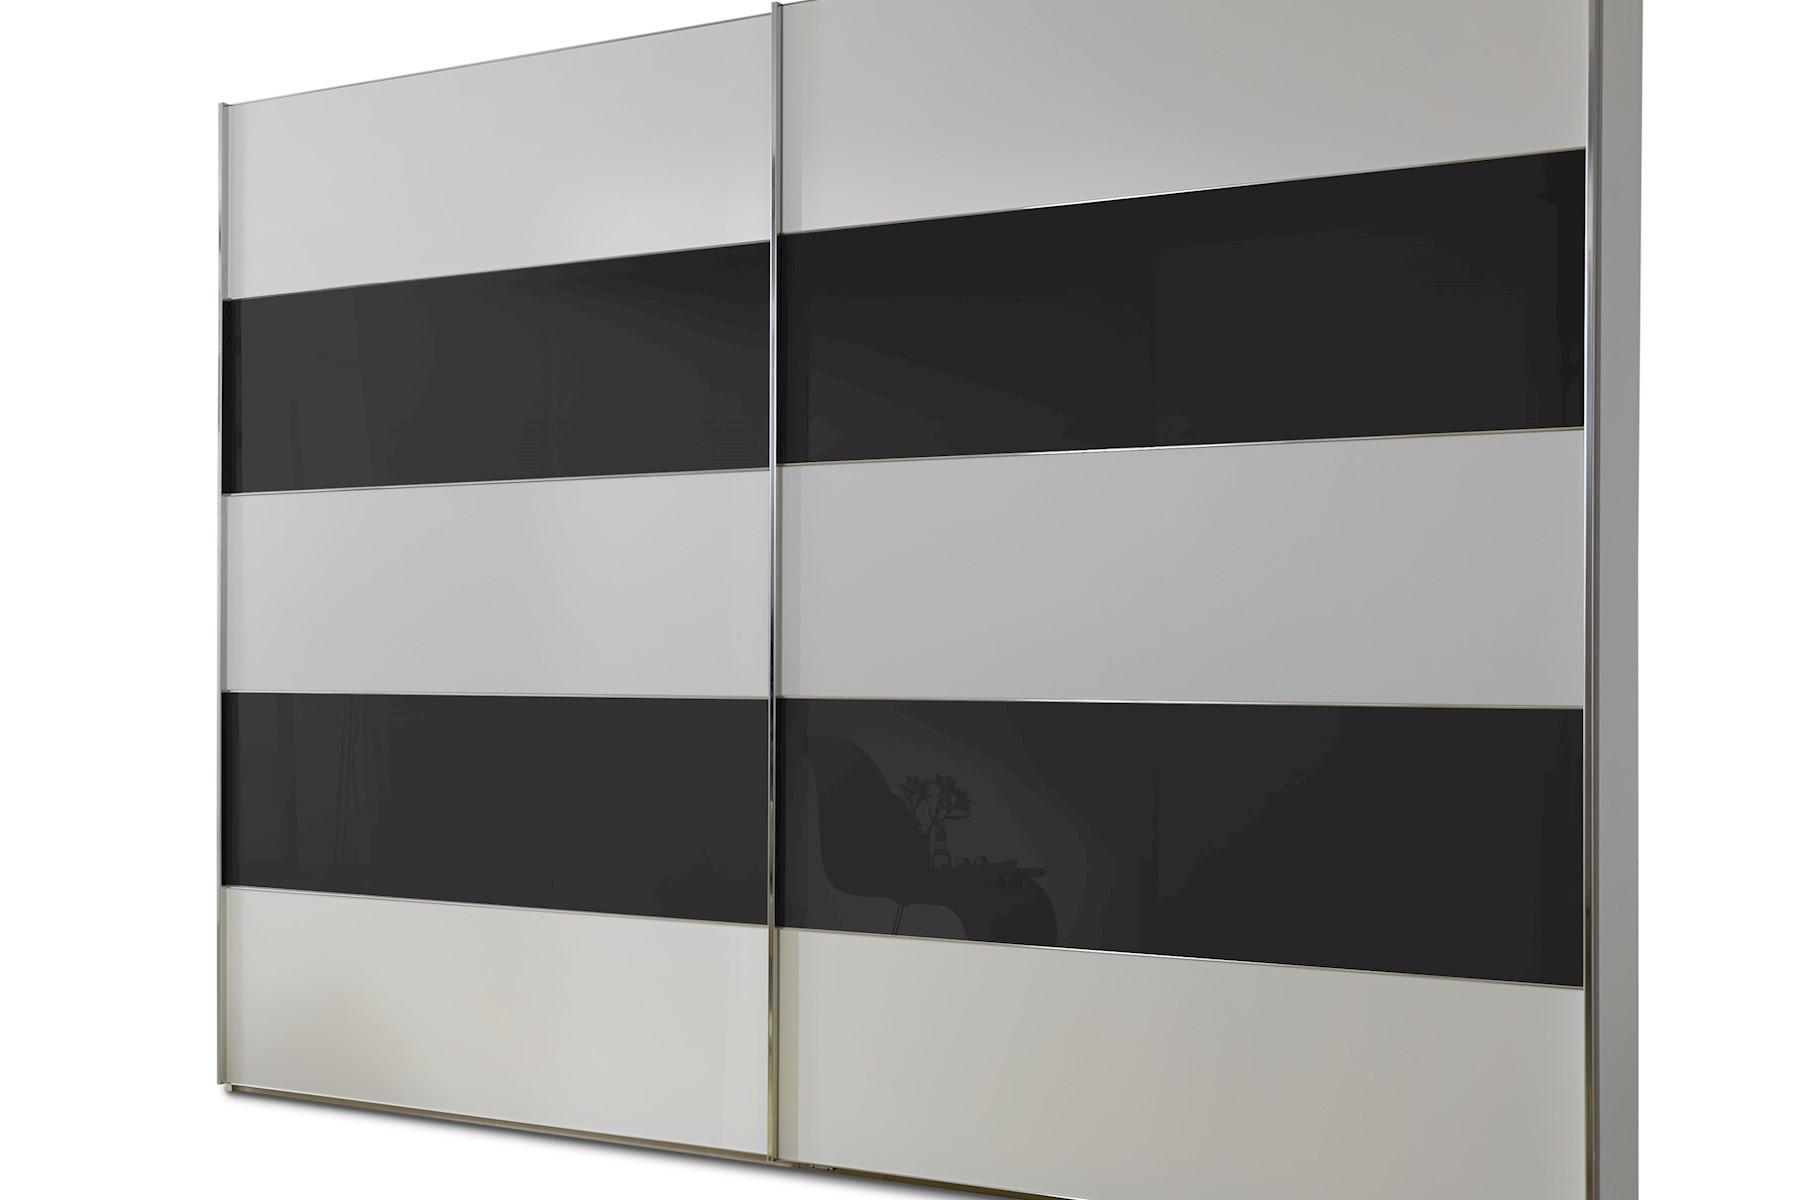 Schwebetürenschrank Genius in Weiß mit Schwarzem Glas 250 cm x 236 cm